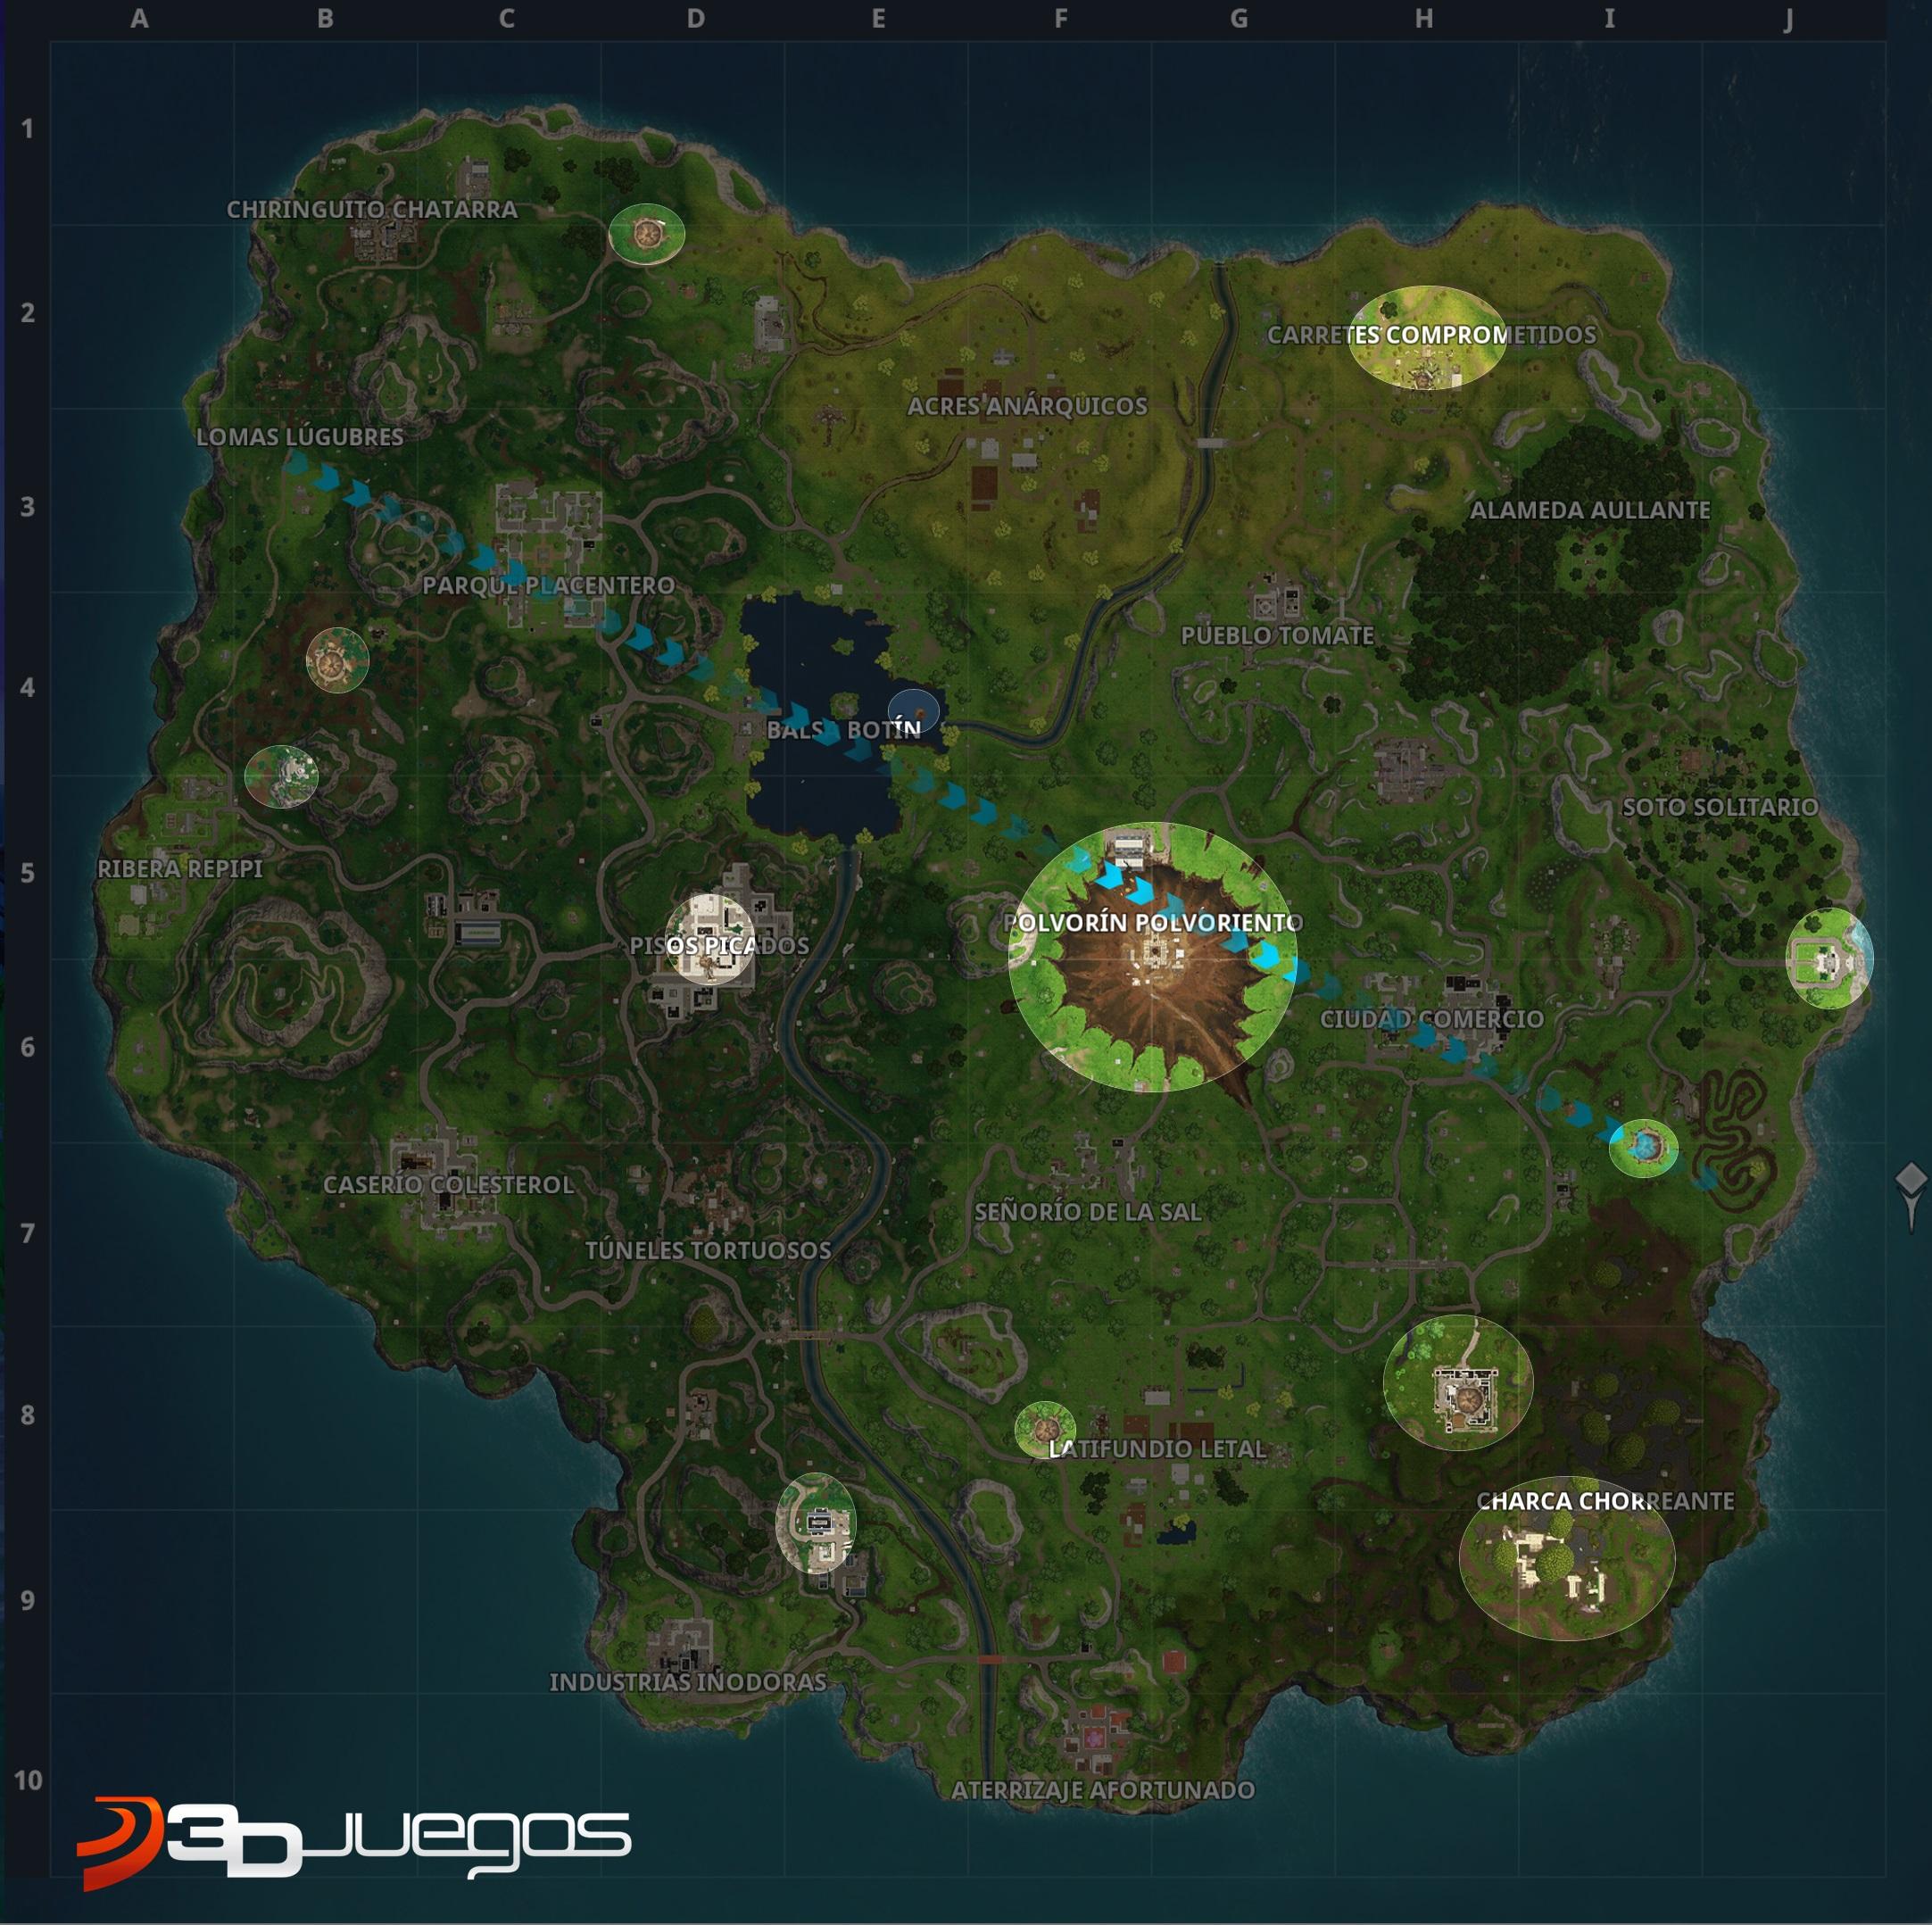 Mapa Fortnite Temporada 5 Español.Conoce Todas Las Zonas Nuevas Y Cambios En El Mapa De Fortnite